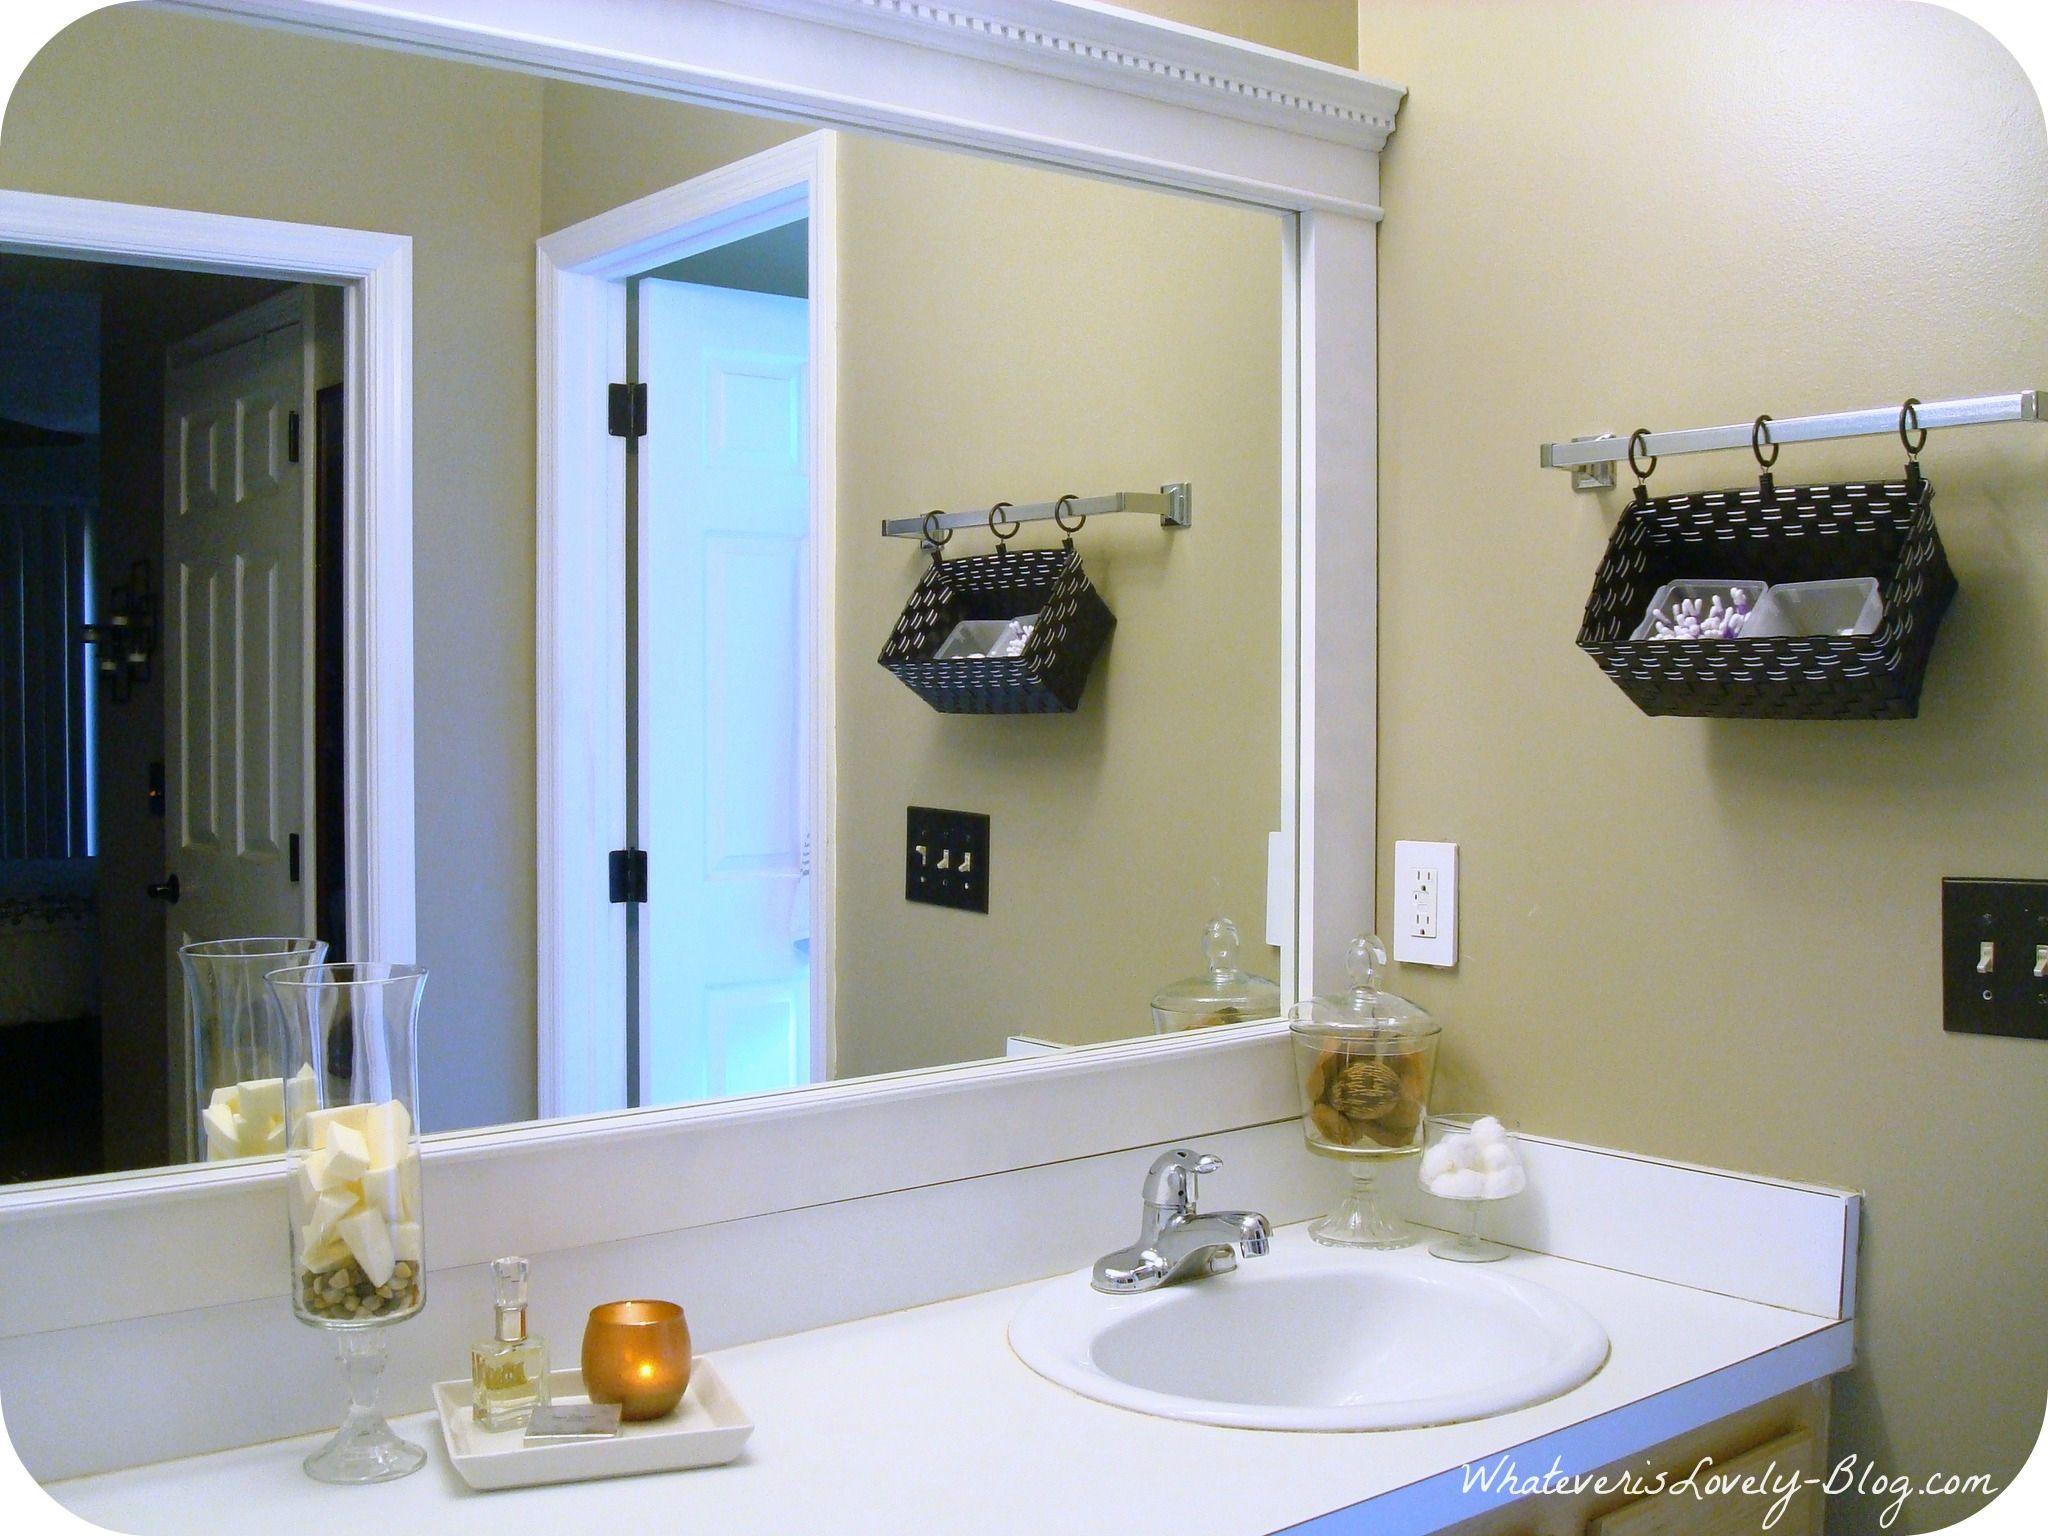 Bathroom mirror frames diy drrw pinterest bathroom